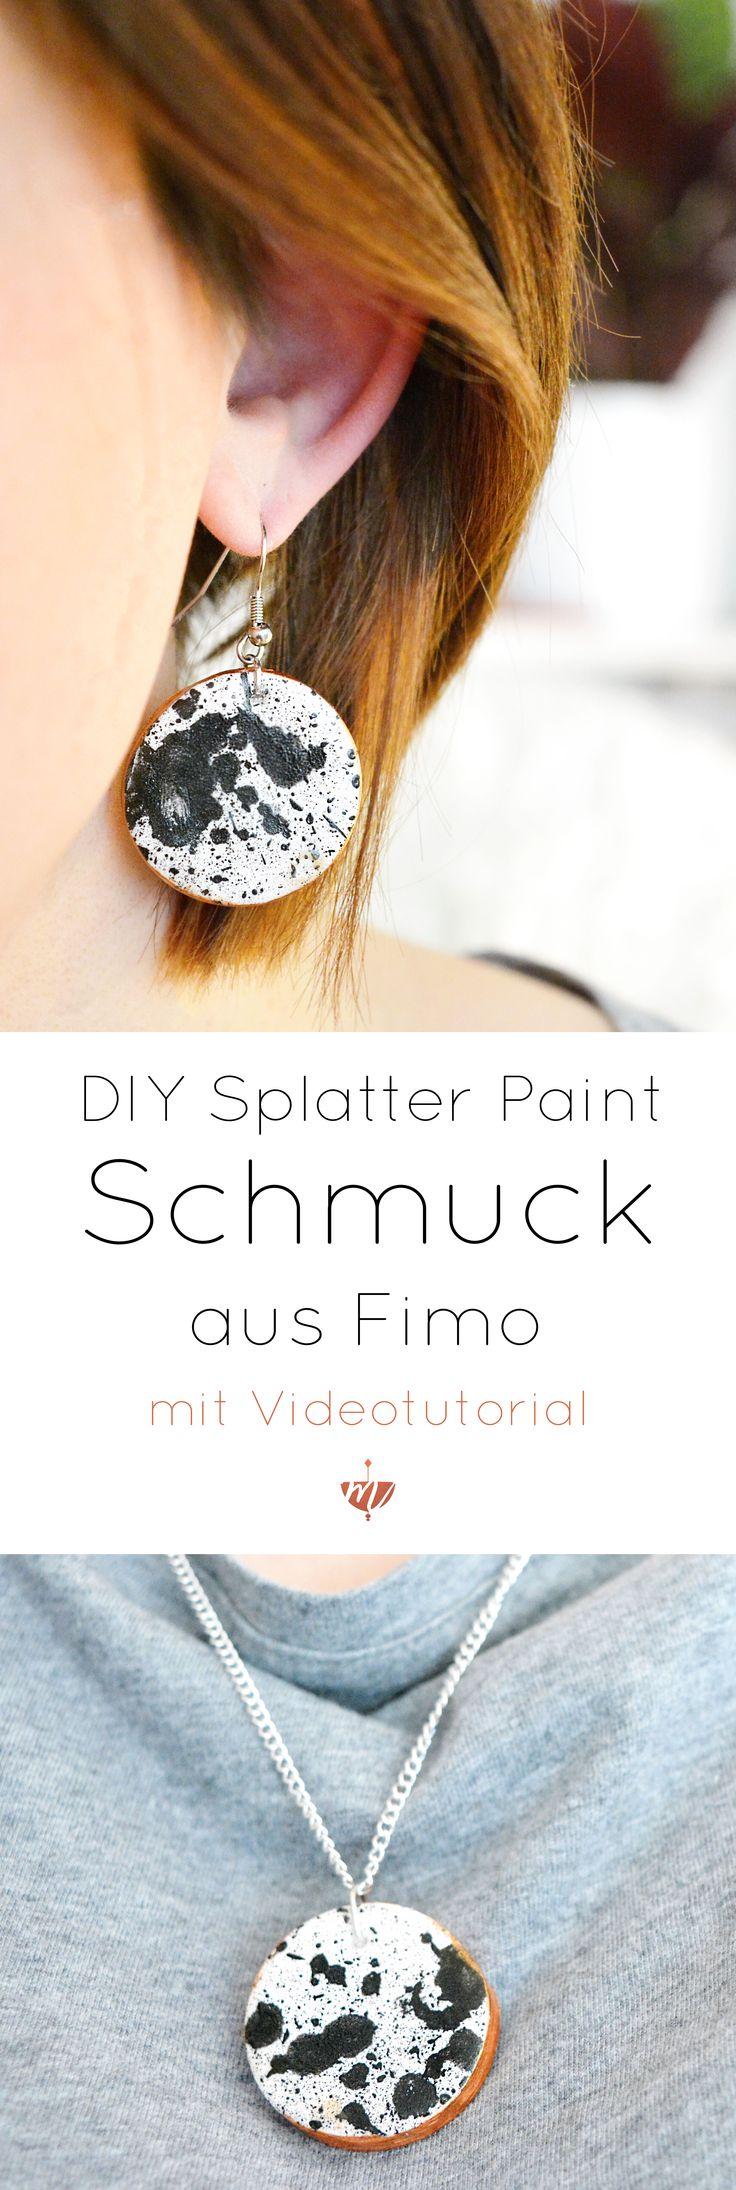 25+ best ideas about fimo anleitung on pinterest | fimo, Best garten ideen